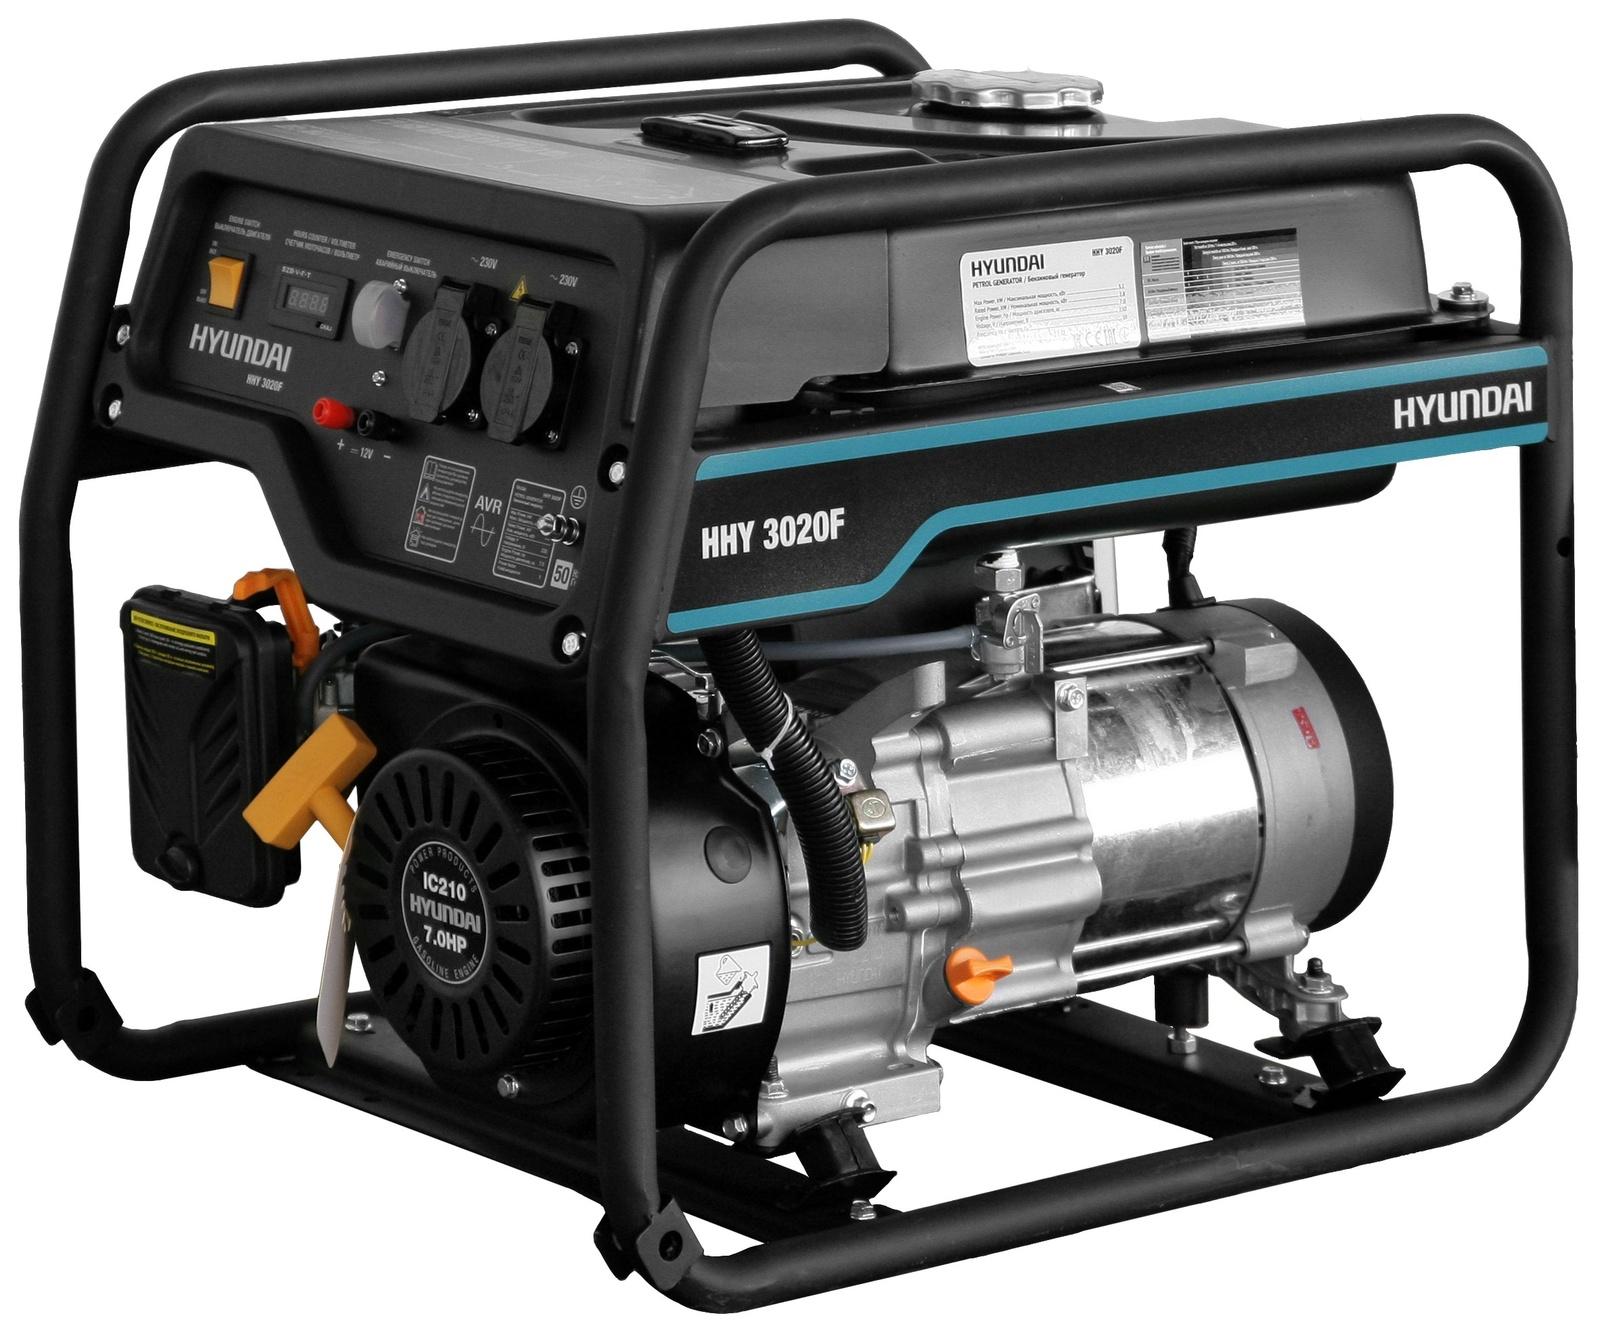 Генератор HYUNDAI бензиновый HHY 3020F генератор бензиновый hyundai hhy 9000fe ats колеса